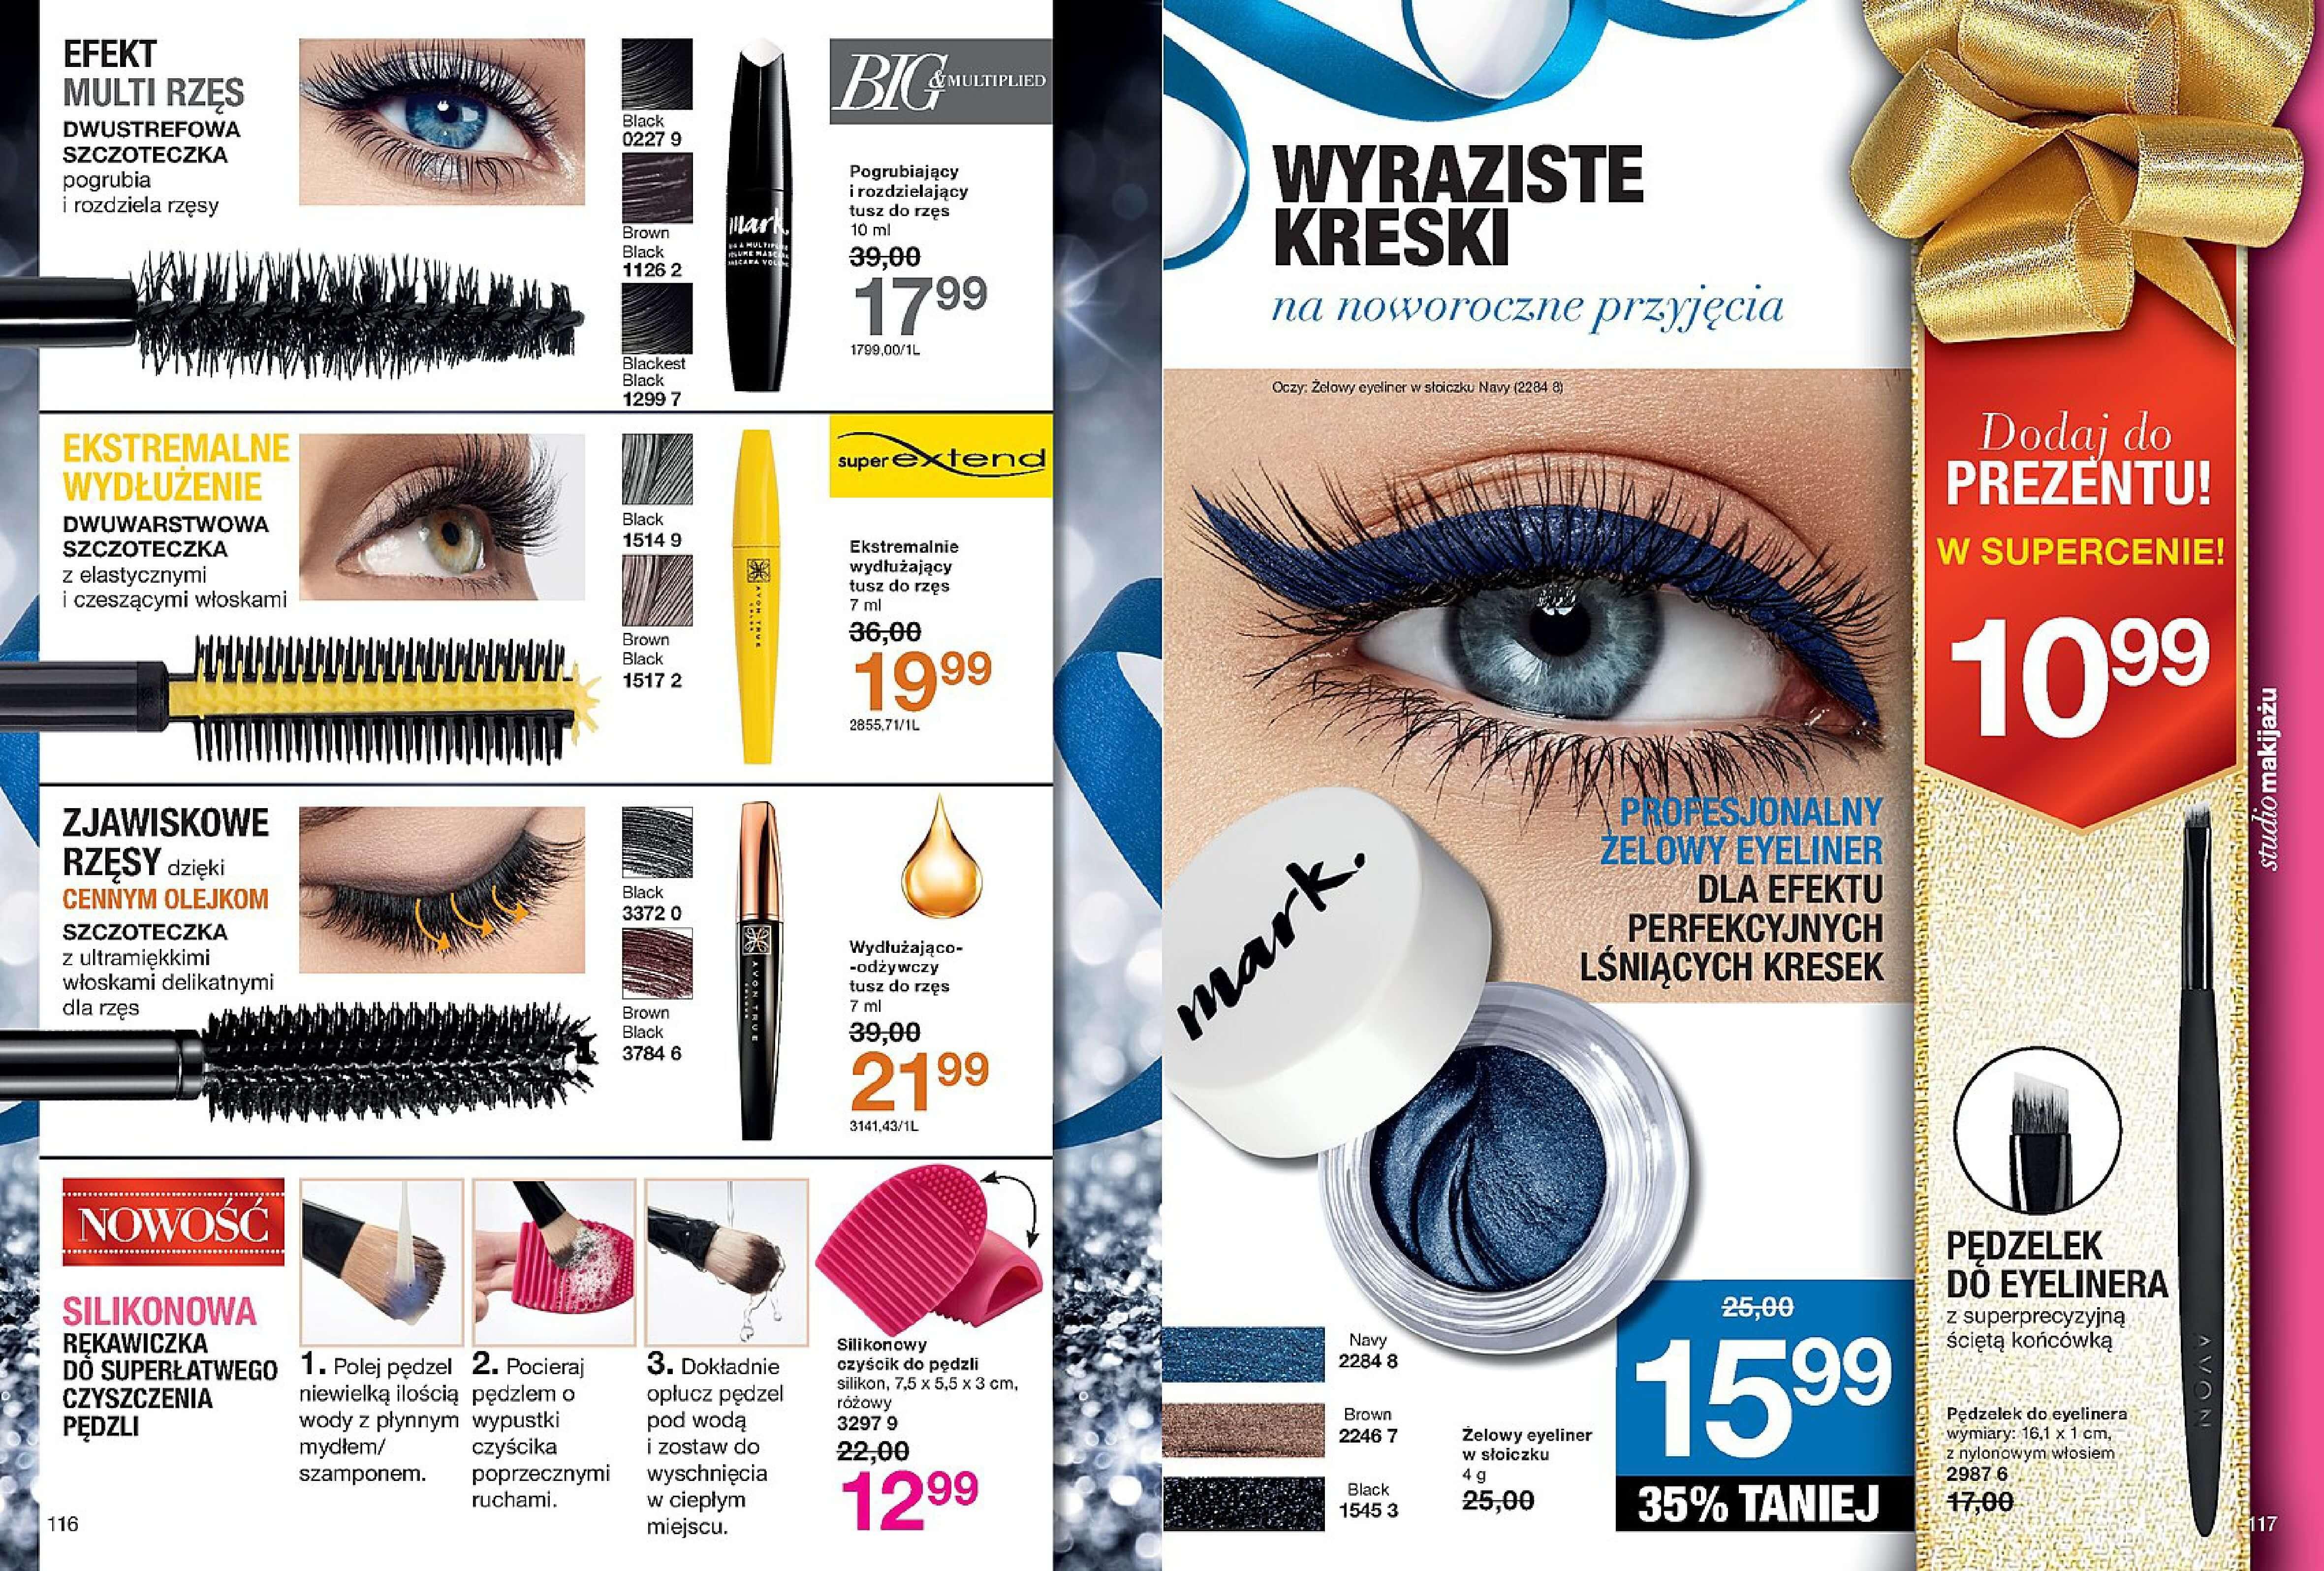 Gazetka Avon - Katalog 17/2017 Gwiazdka-29.11.2017-27.12.2017-page-59